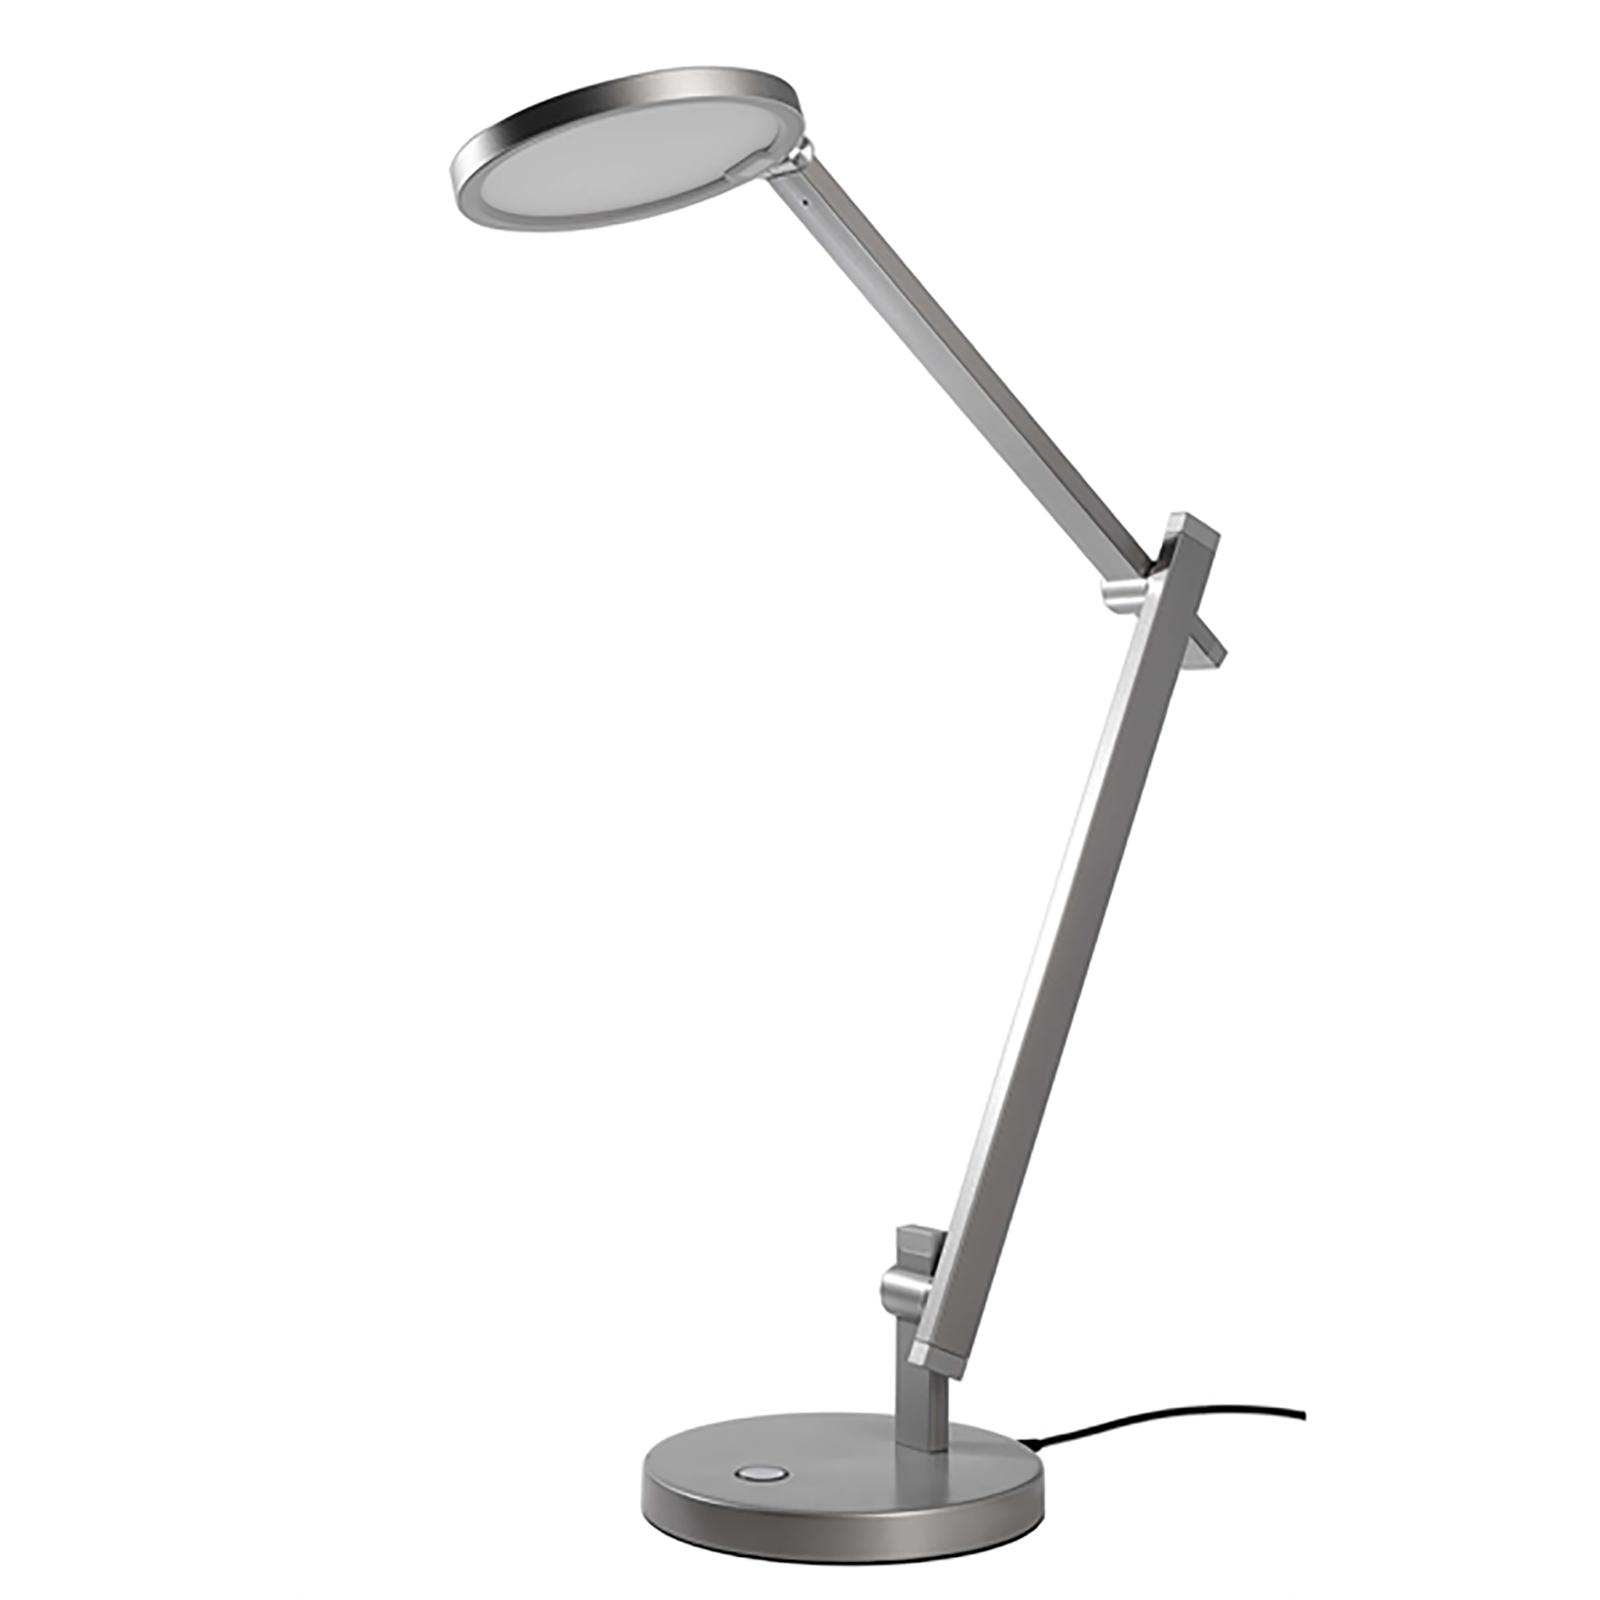 Illuminazione Tavolo Lampade Da Ufficio Piantane Lampada Da Terra Lampada Tavolo Moderna Led 12w Luce Scrivania Touch Dimmerabile 3000k 230v